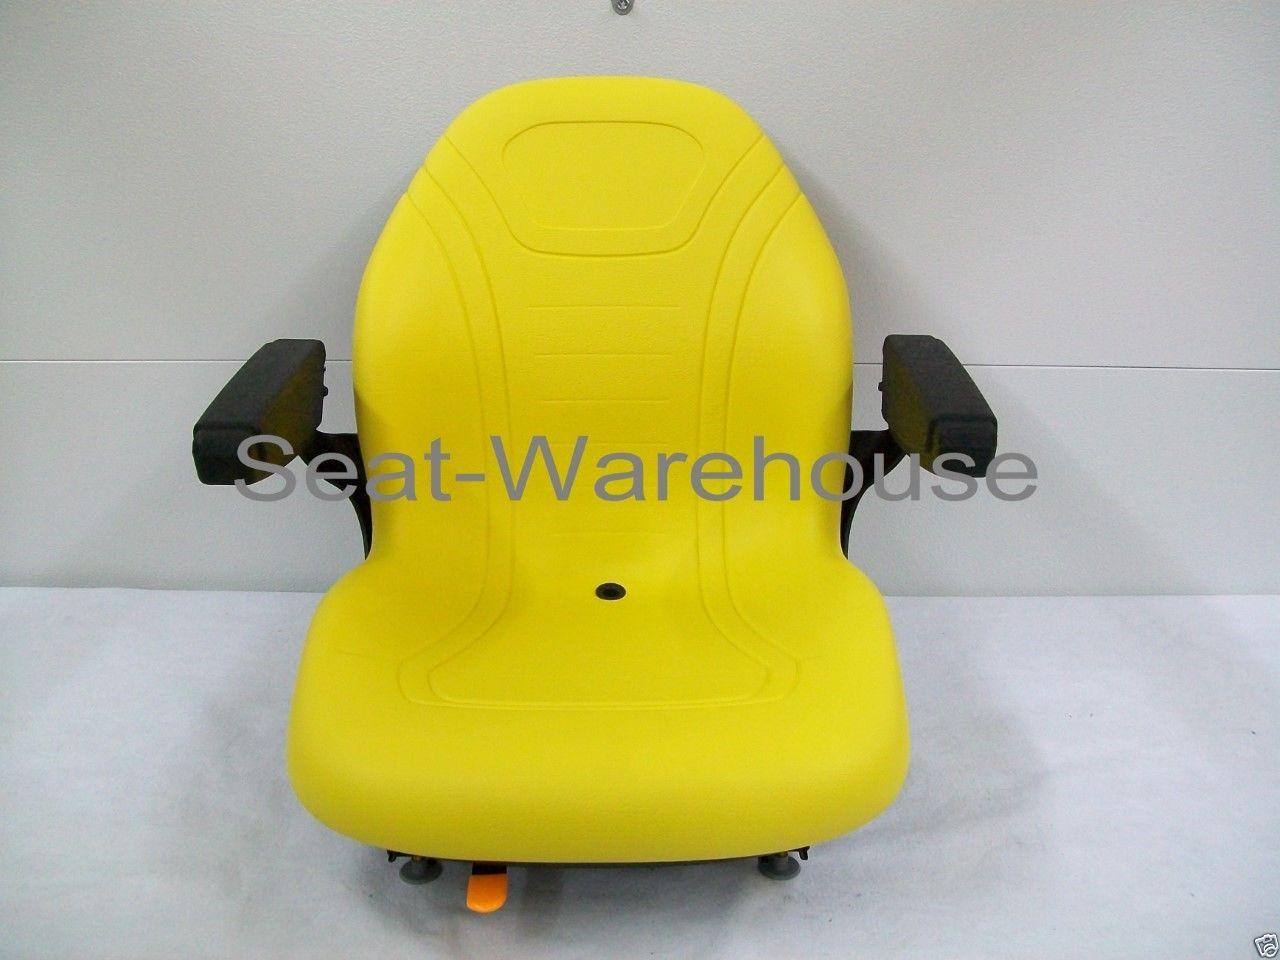 ... AAA 162025730669 2 Yellow Seat Fits John Deere F620f680f687717a727a737757m653m655m665 Aaa John Deere F620 Wiring Diagram John Deere F620 Wiring Diagram